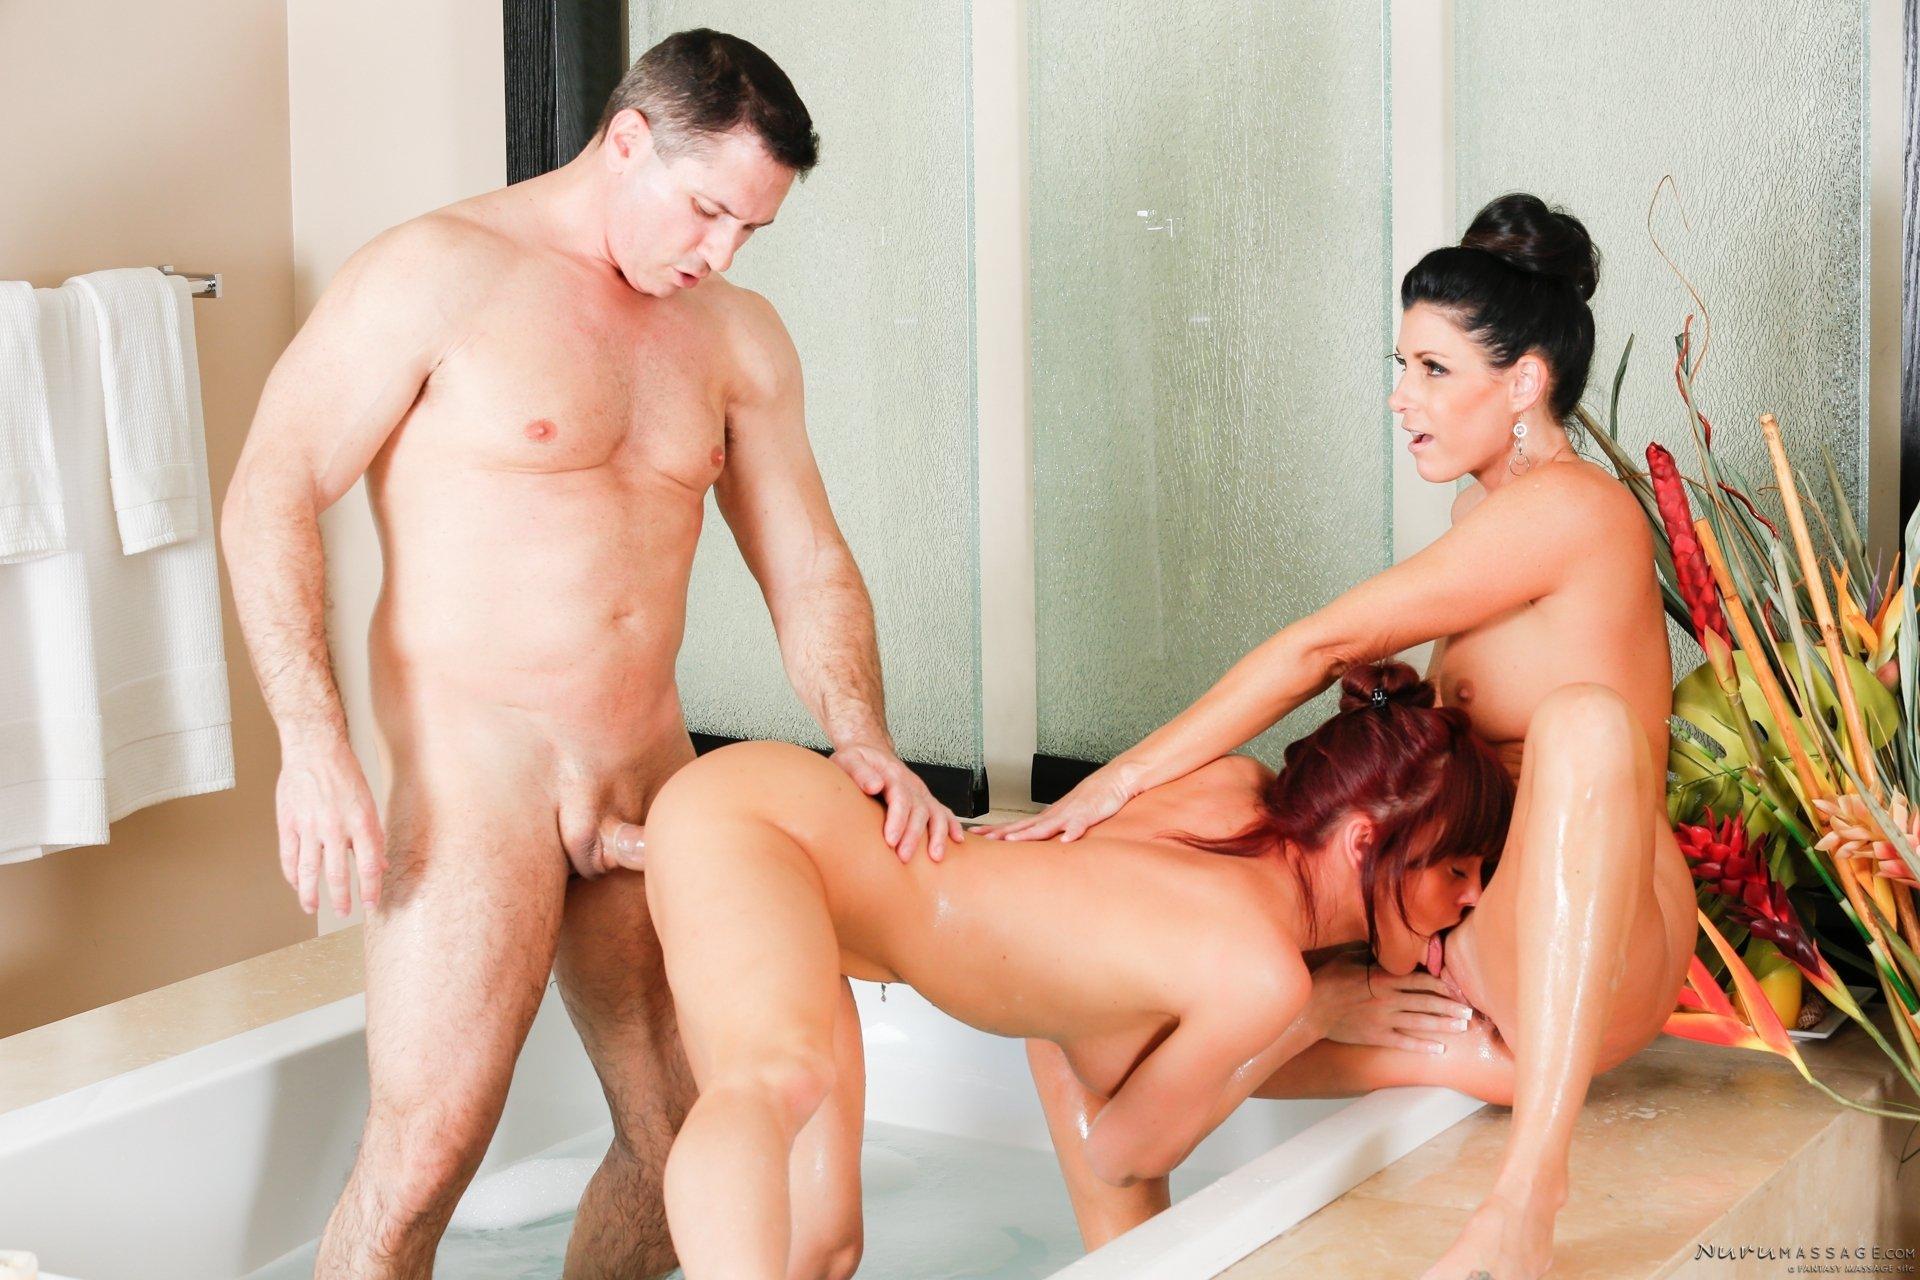 Секс в троём стоя, Секс Втроем порно видео бесплатно гиг порно 13 фотография